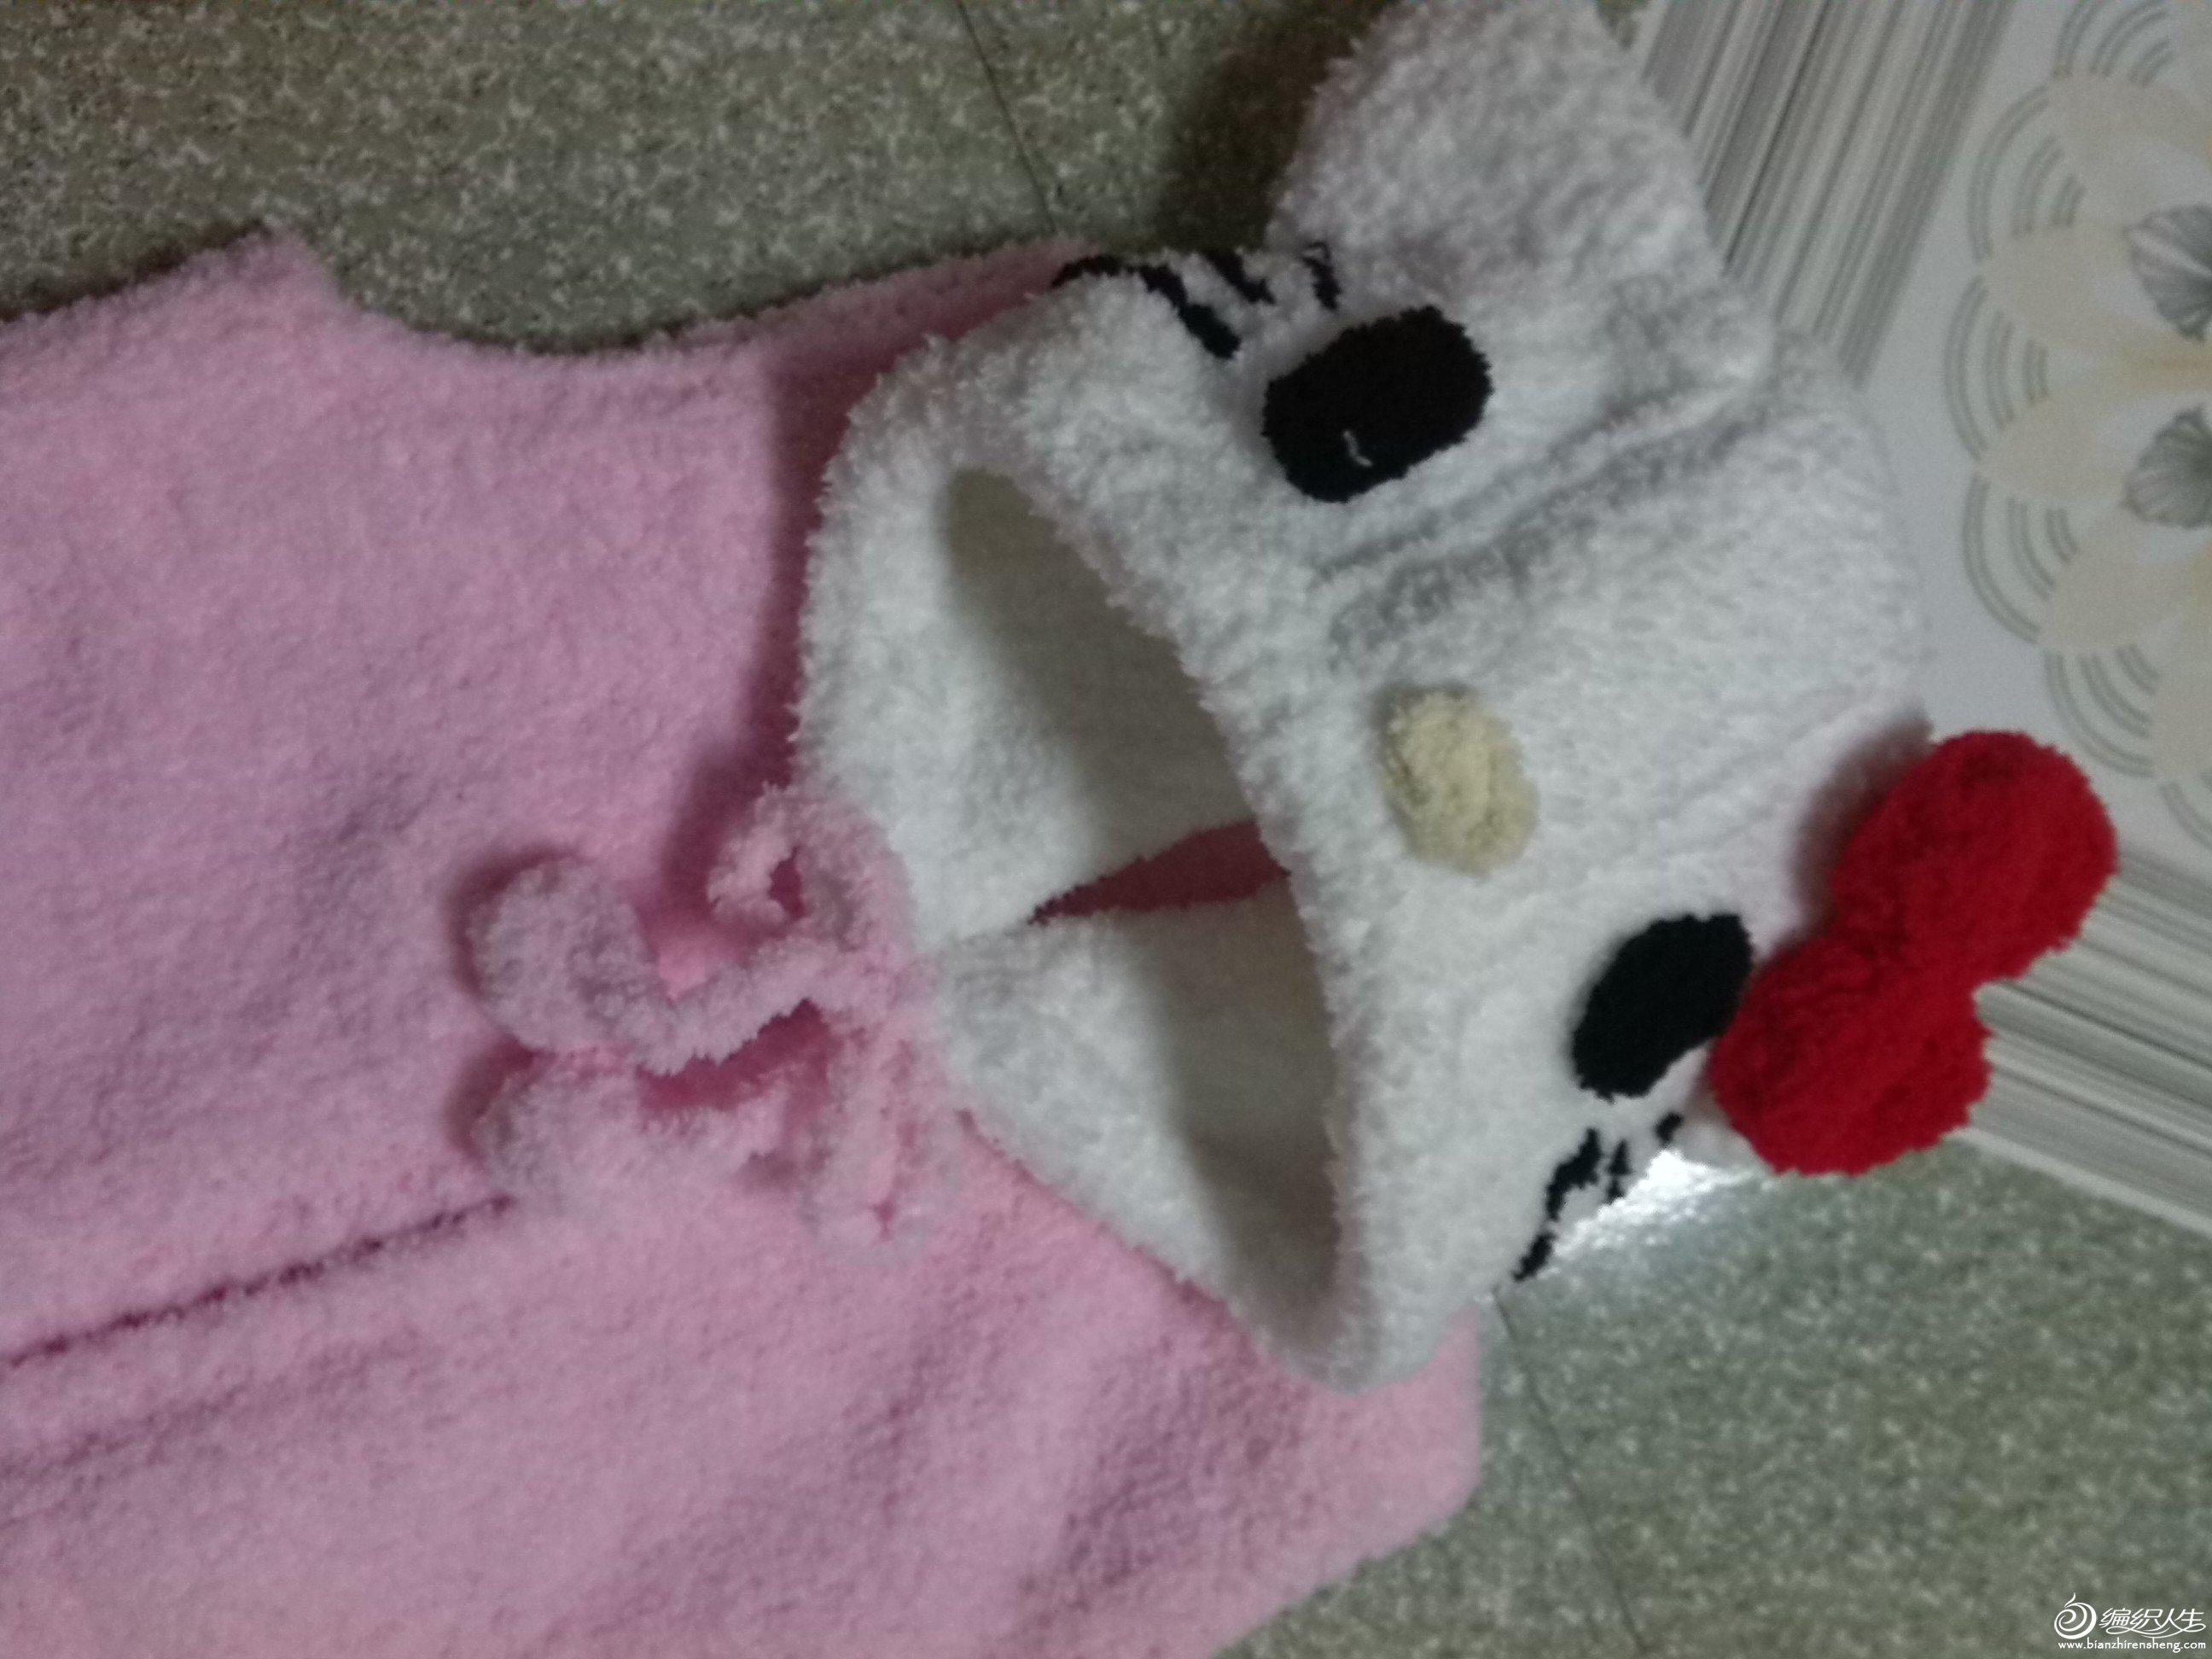 织了一件阿狸猫,表妹看到照片说,也给她家宝宝织个,买线的时候就打算织3件,一个给自家宝宝,还有两个表妹一个,妹妹一个。 既然她也开口了,那我就趁热打铁,再织一个Kitty猫吧。 还是按照小辛娜娜教的视频学的阿狸猫,织背心和帽子。因为两个宝宝差不多大,我家2周岁带4个月,她家22个月,体重也差不多,个子稍小点85,6CM 的样子。所以,就是照着阿狸猫的尺寸织的。 后片40针,前片24针。织6行单螺纹,开始平针不加不减织23CM开挂。2-2-1,2-1-3收针,然后再不加不减织,一共37CM。前片开扣眼,大概